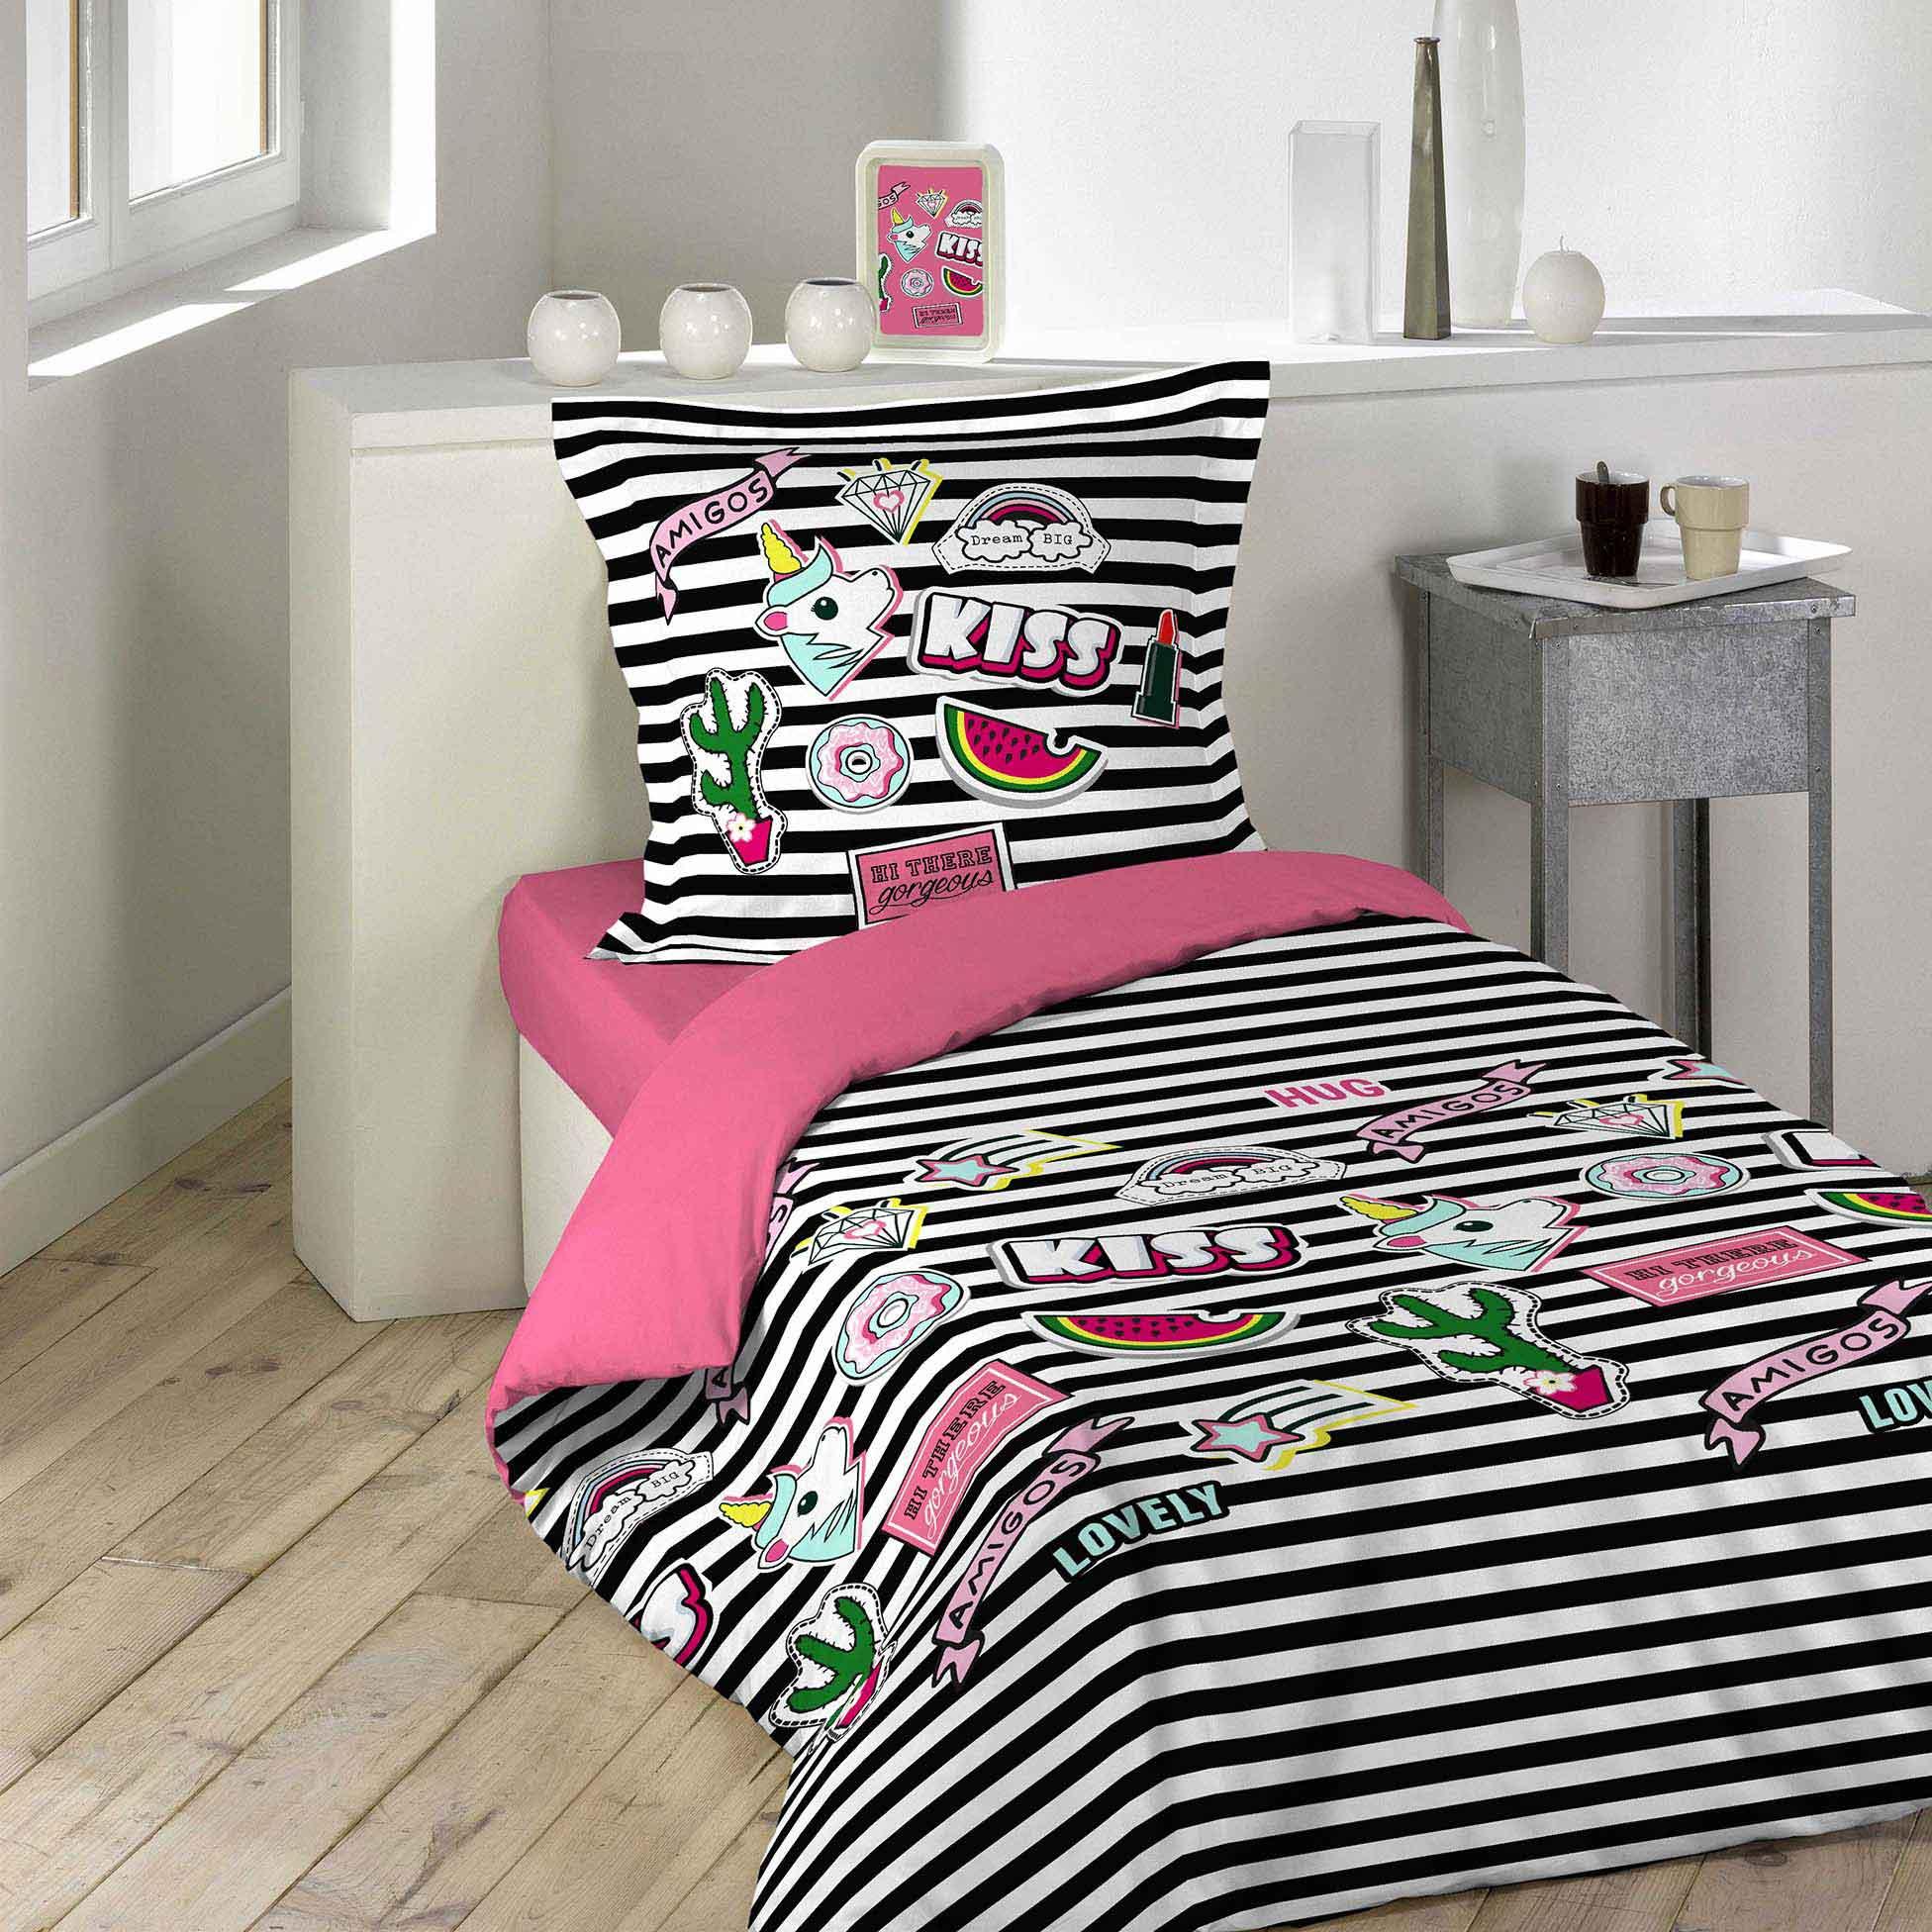 Full Size of Bettwäsche Teenager Betten Für Sprüche Wohnzimmer Bettwäsche Teenager